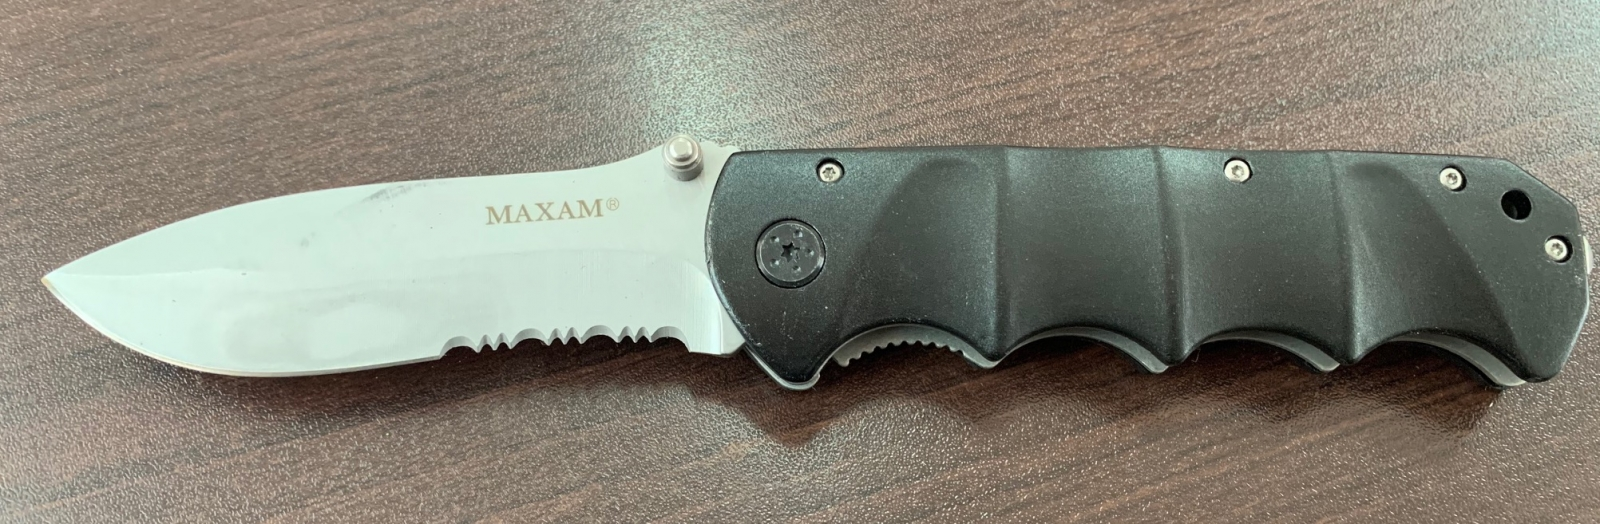 Складной нож Cold Steel со стропорезом и удобной рукояткой